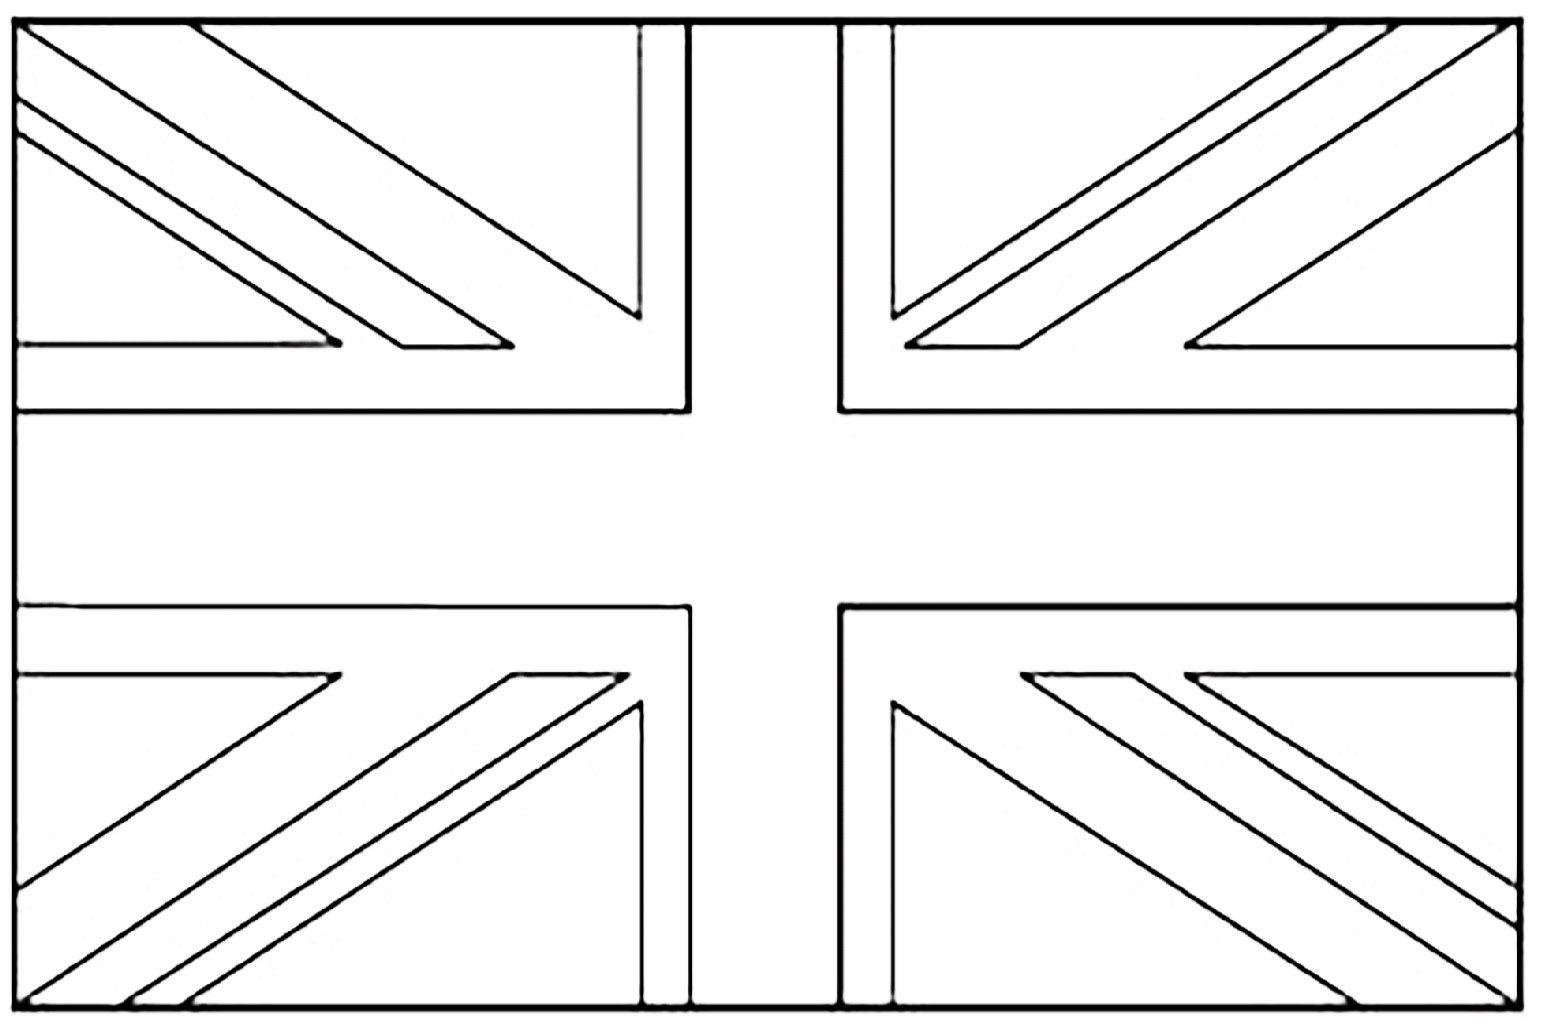 United Kingdom Union Jack